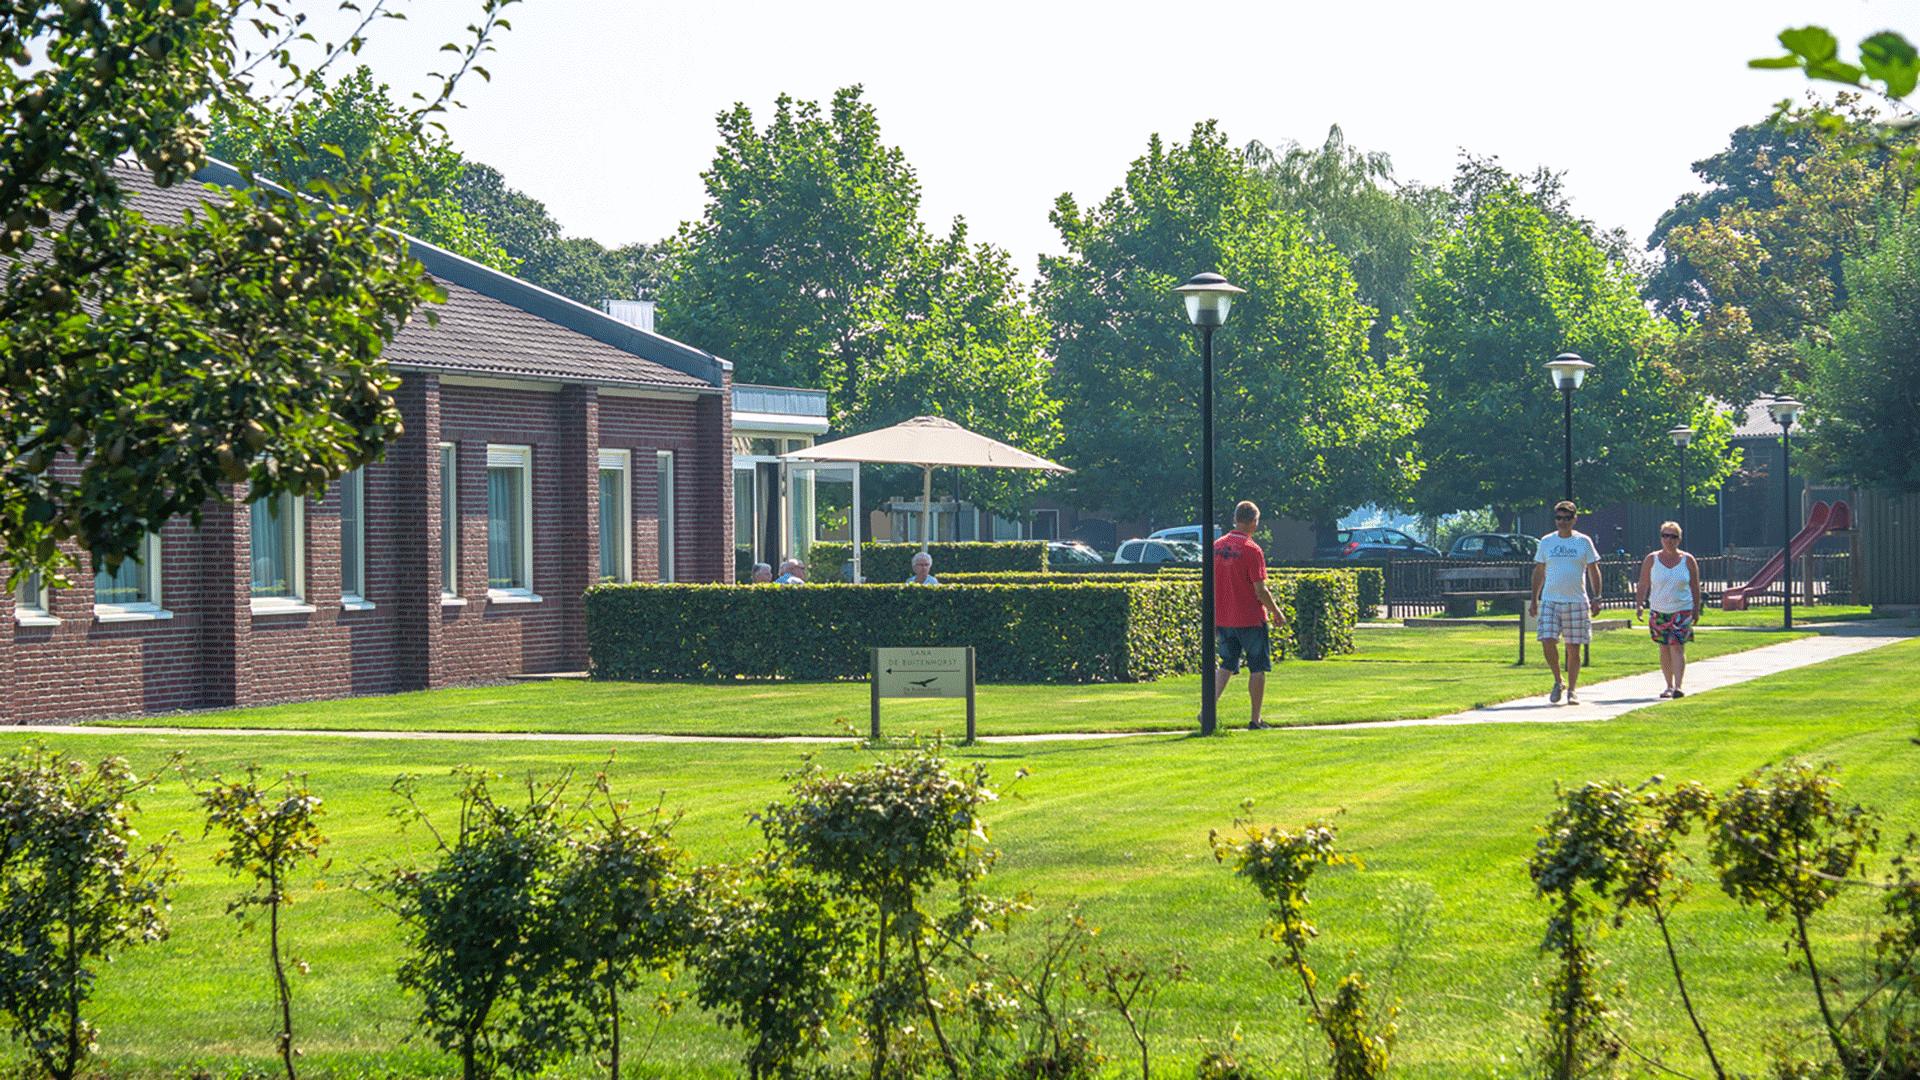 Groepsaccommodatie De Buitenhorst in Schaijk